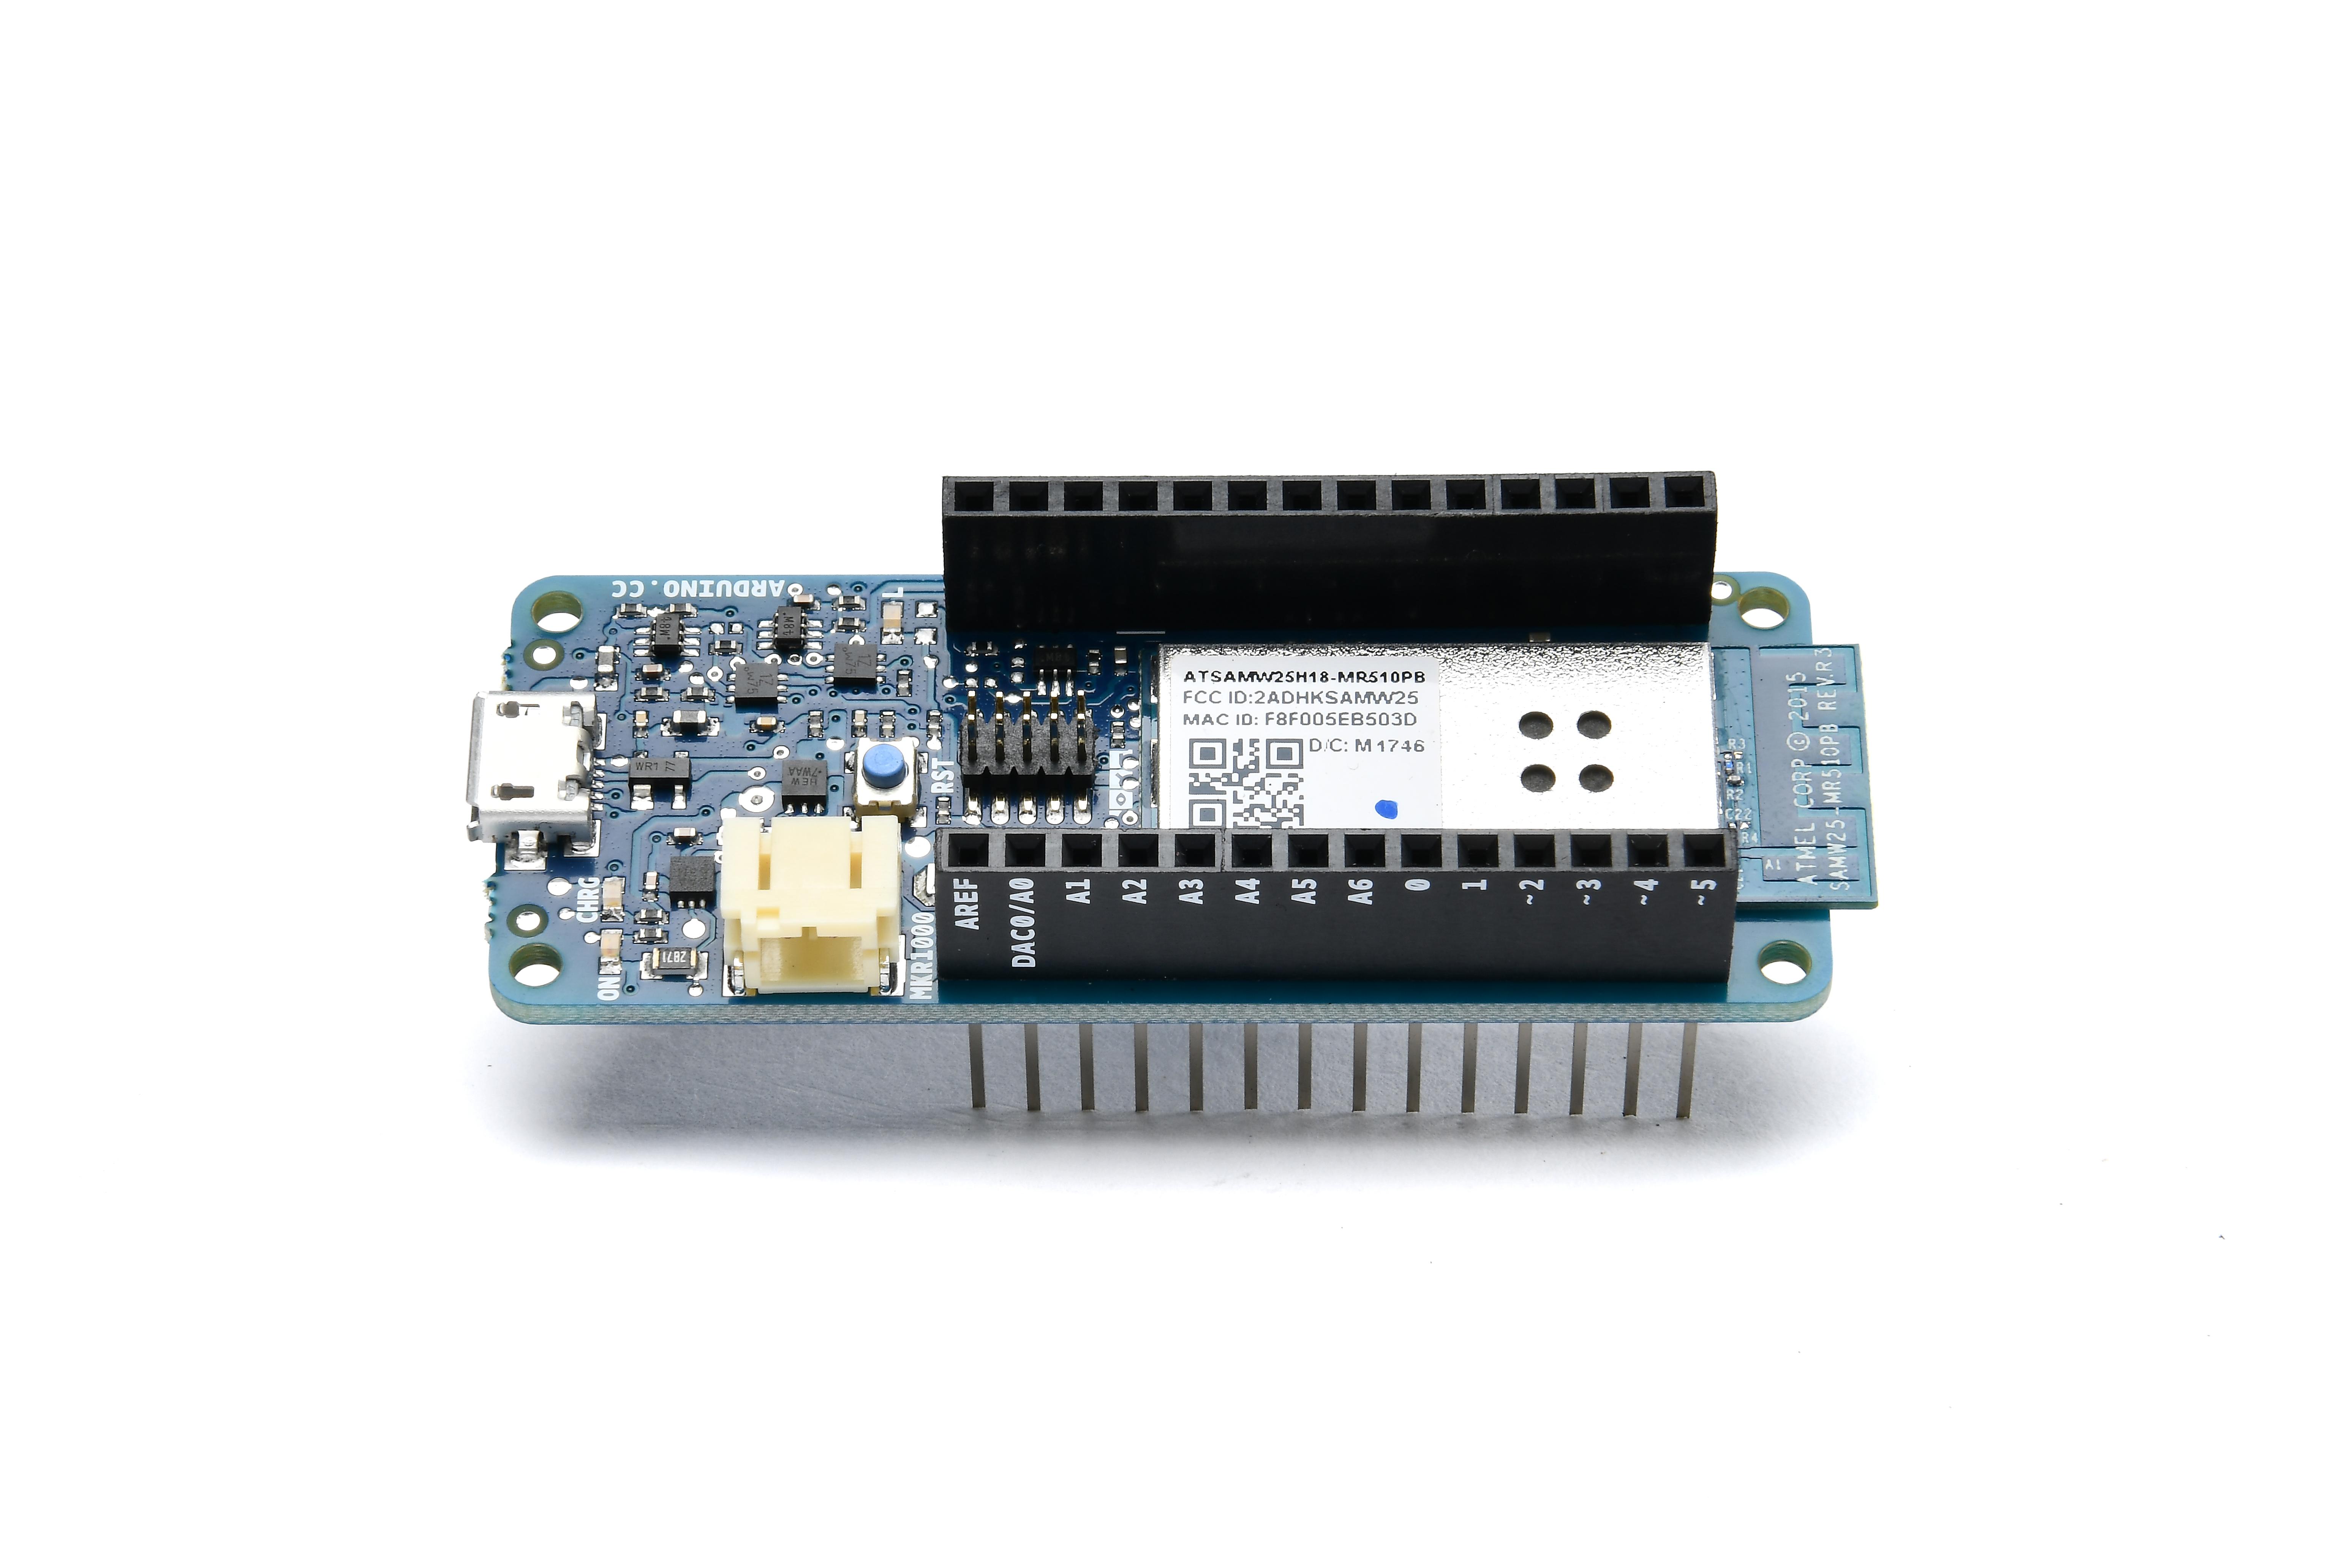 Arduino(アルドゥイーノ) MKR1000(ヘッダーあり)